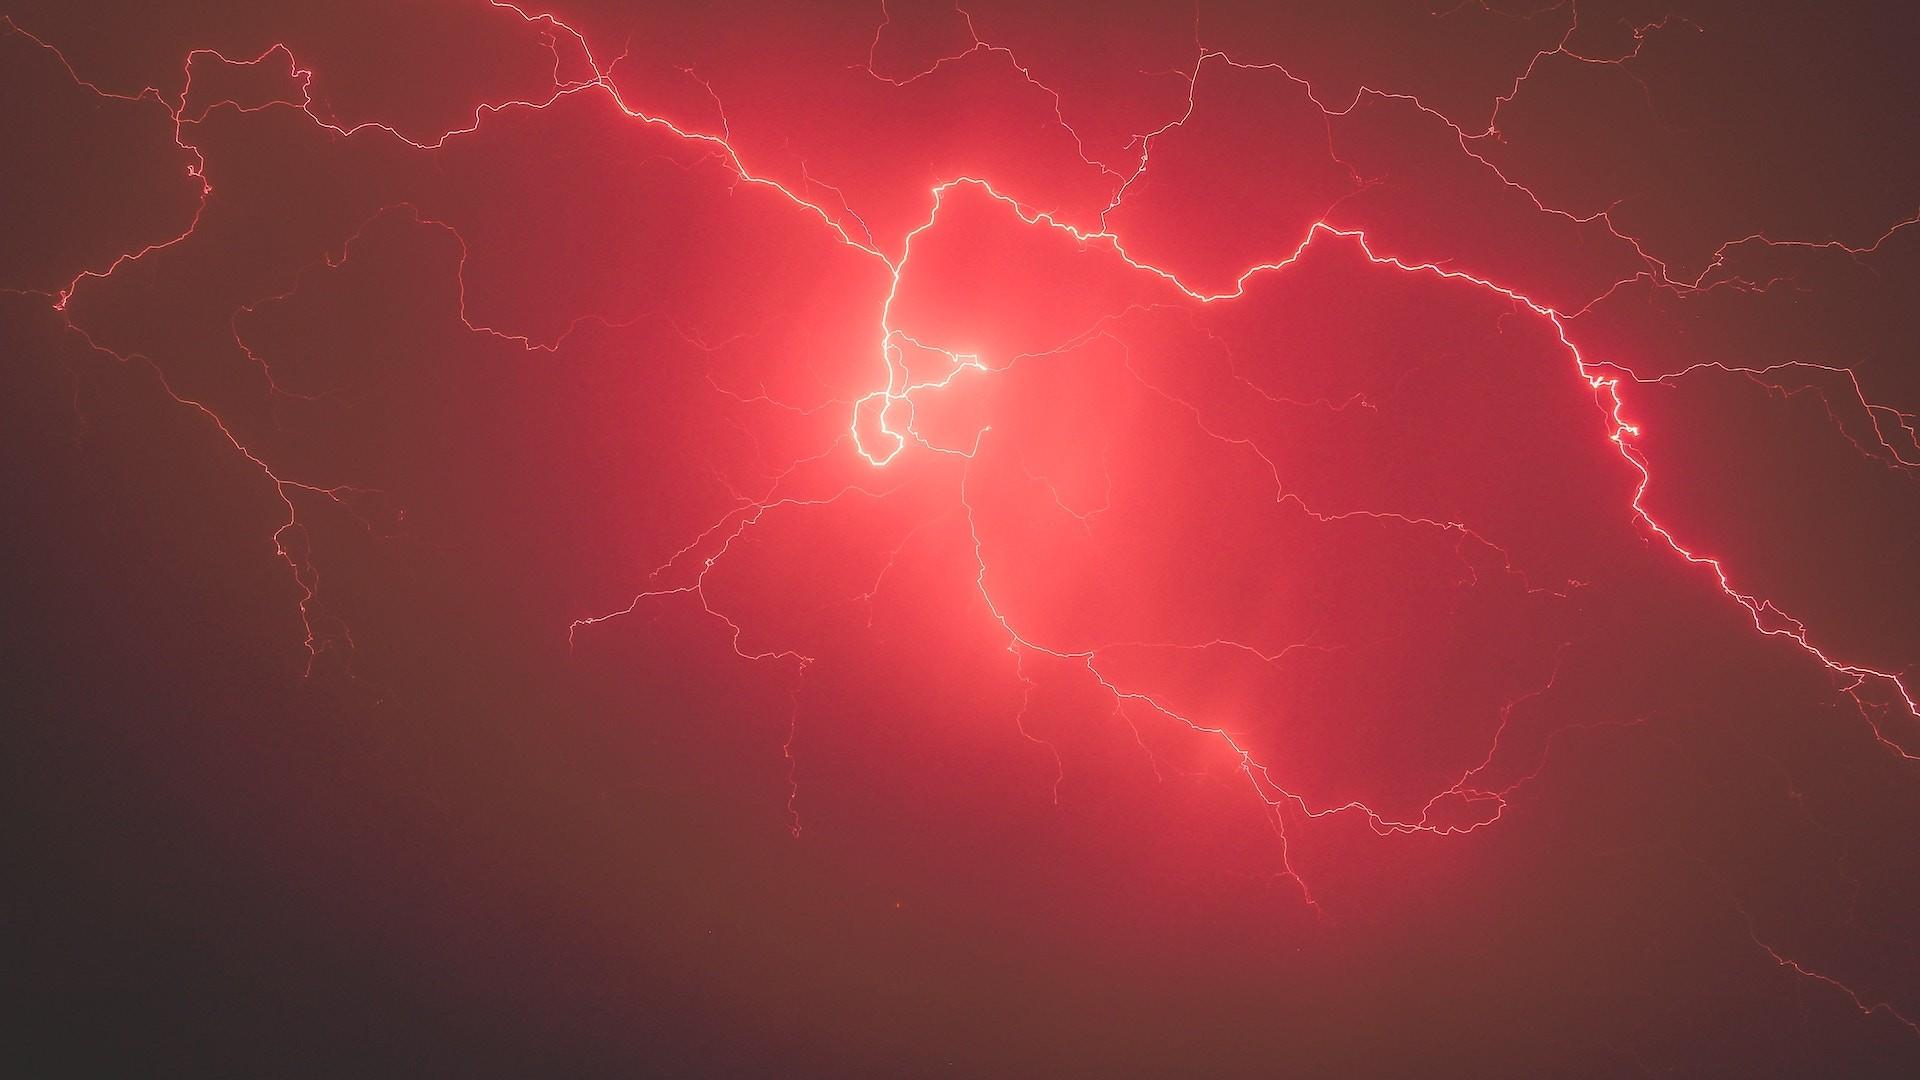 Lightning Free Wallpaper